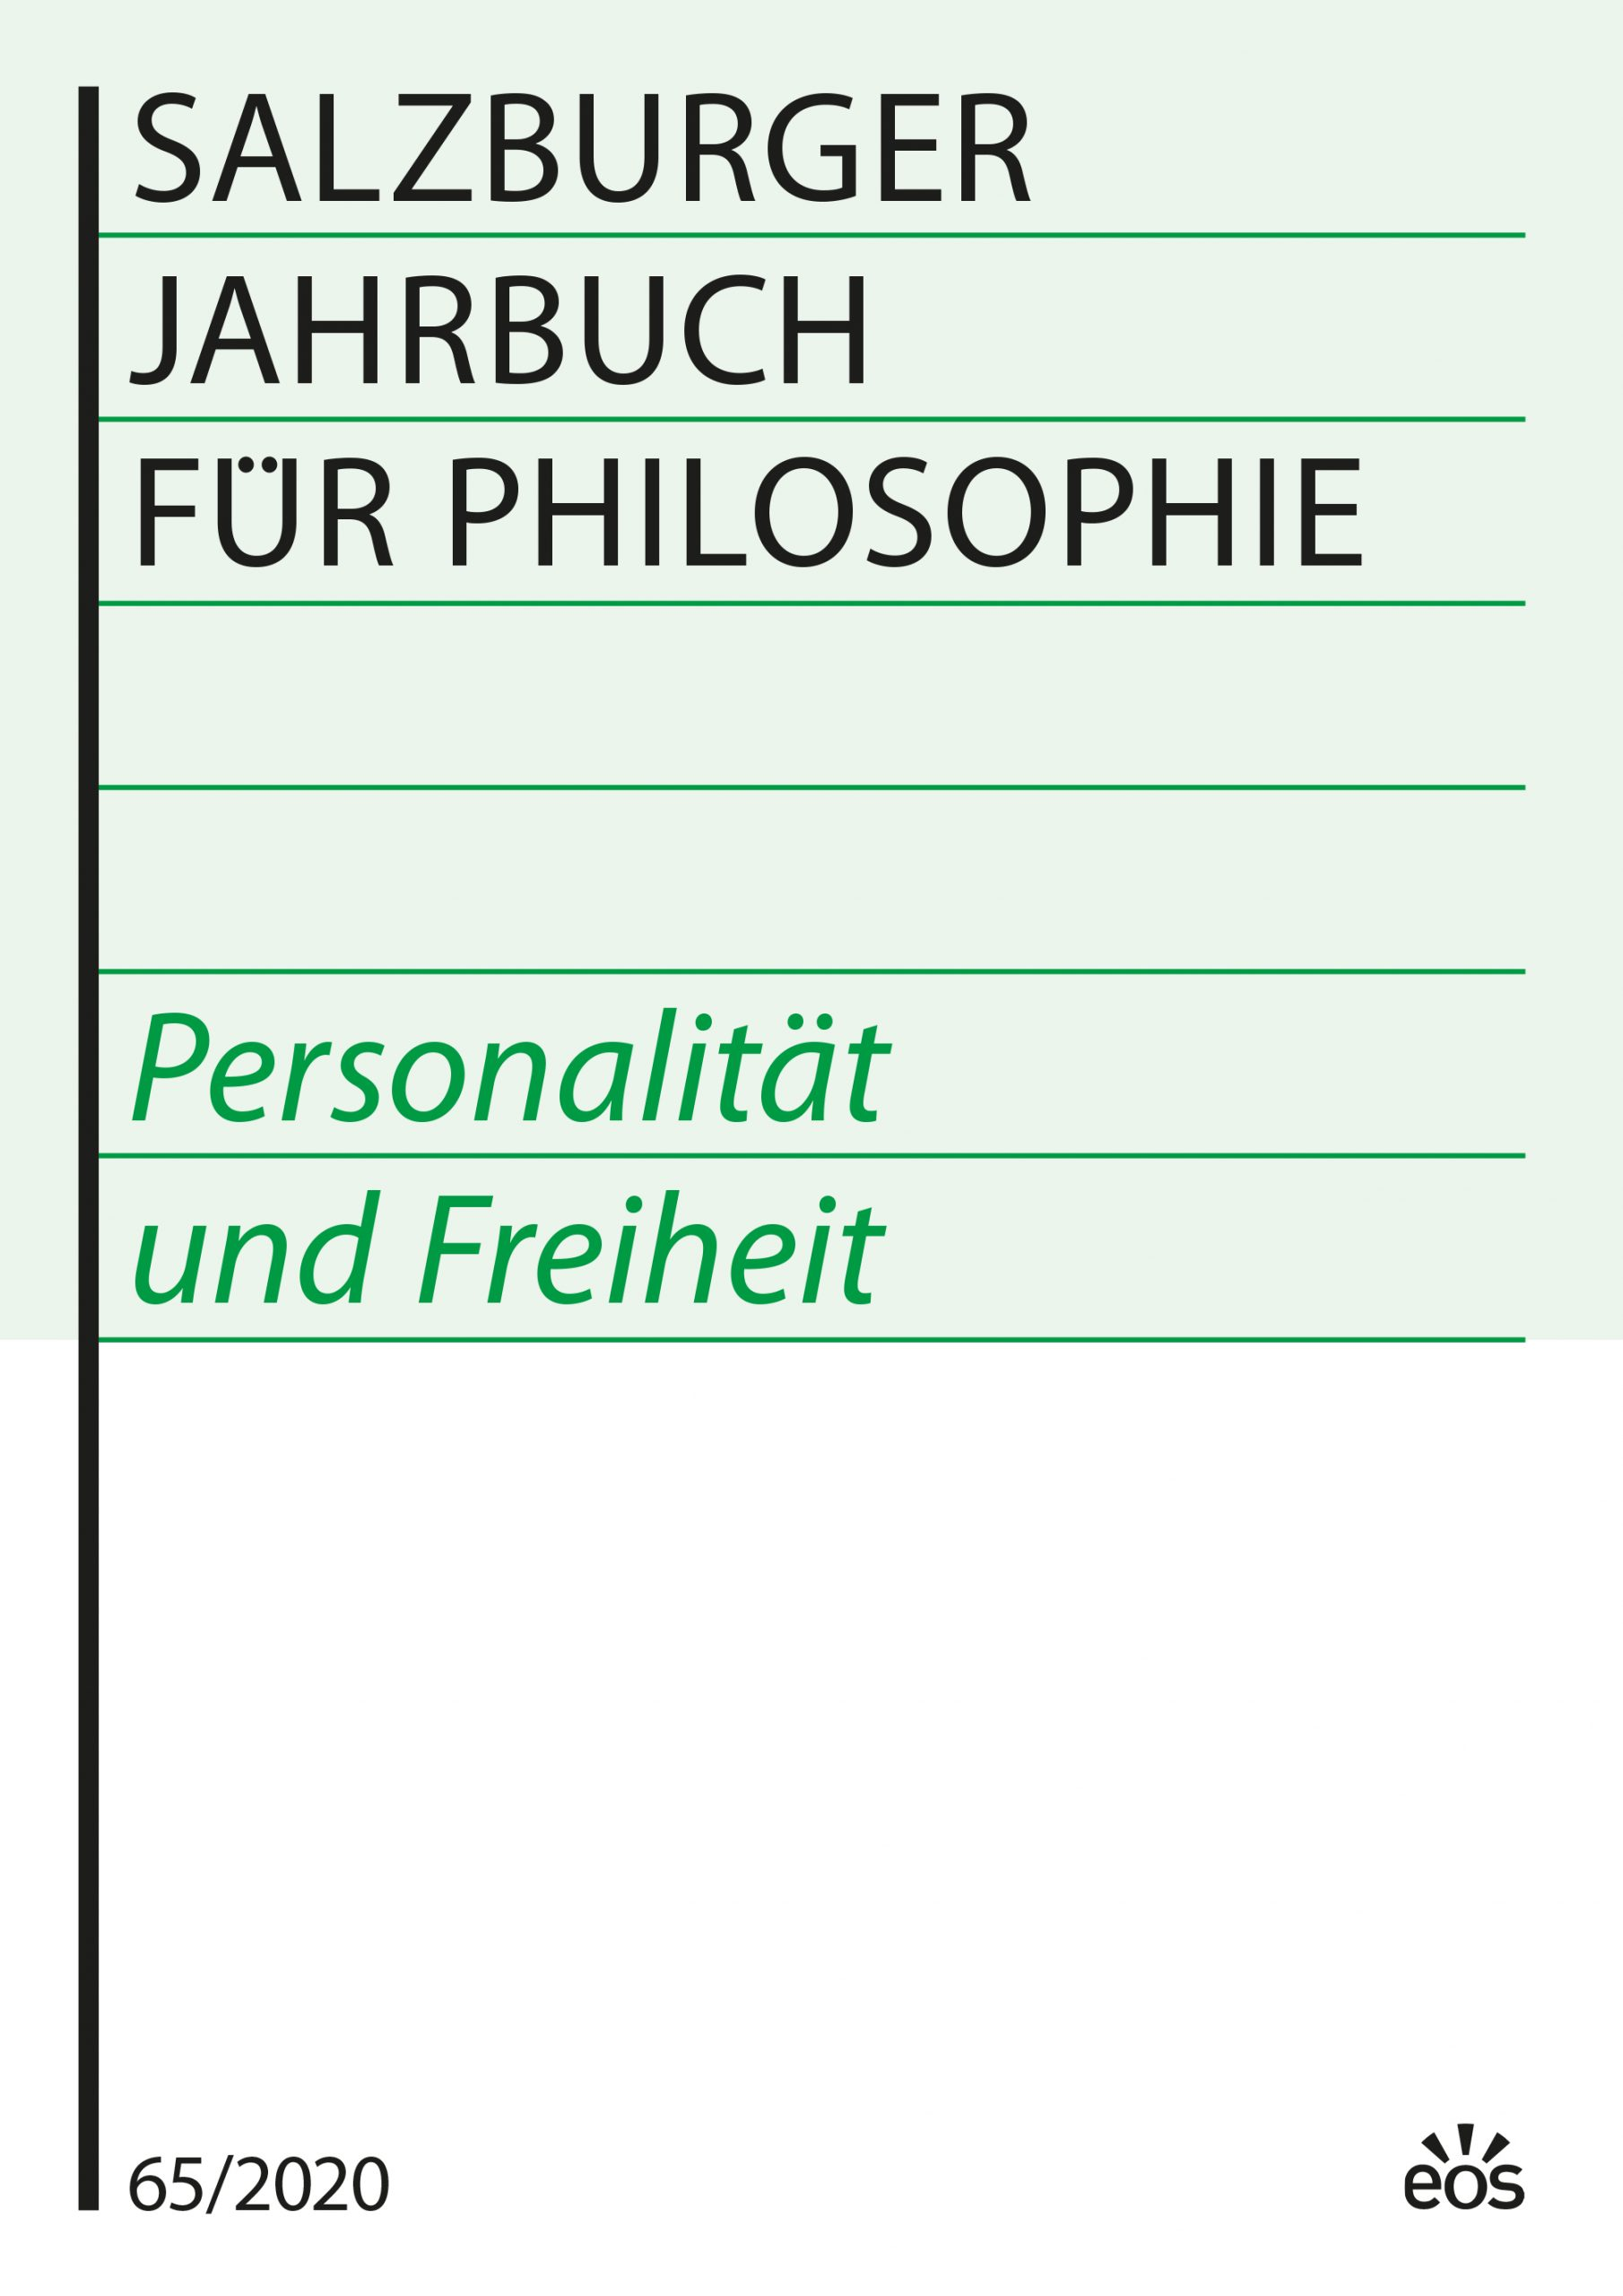 Salzburger Jahrbuch für Philosophie 65/2020 (ebook)